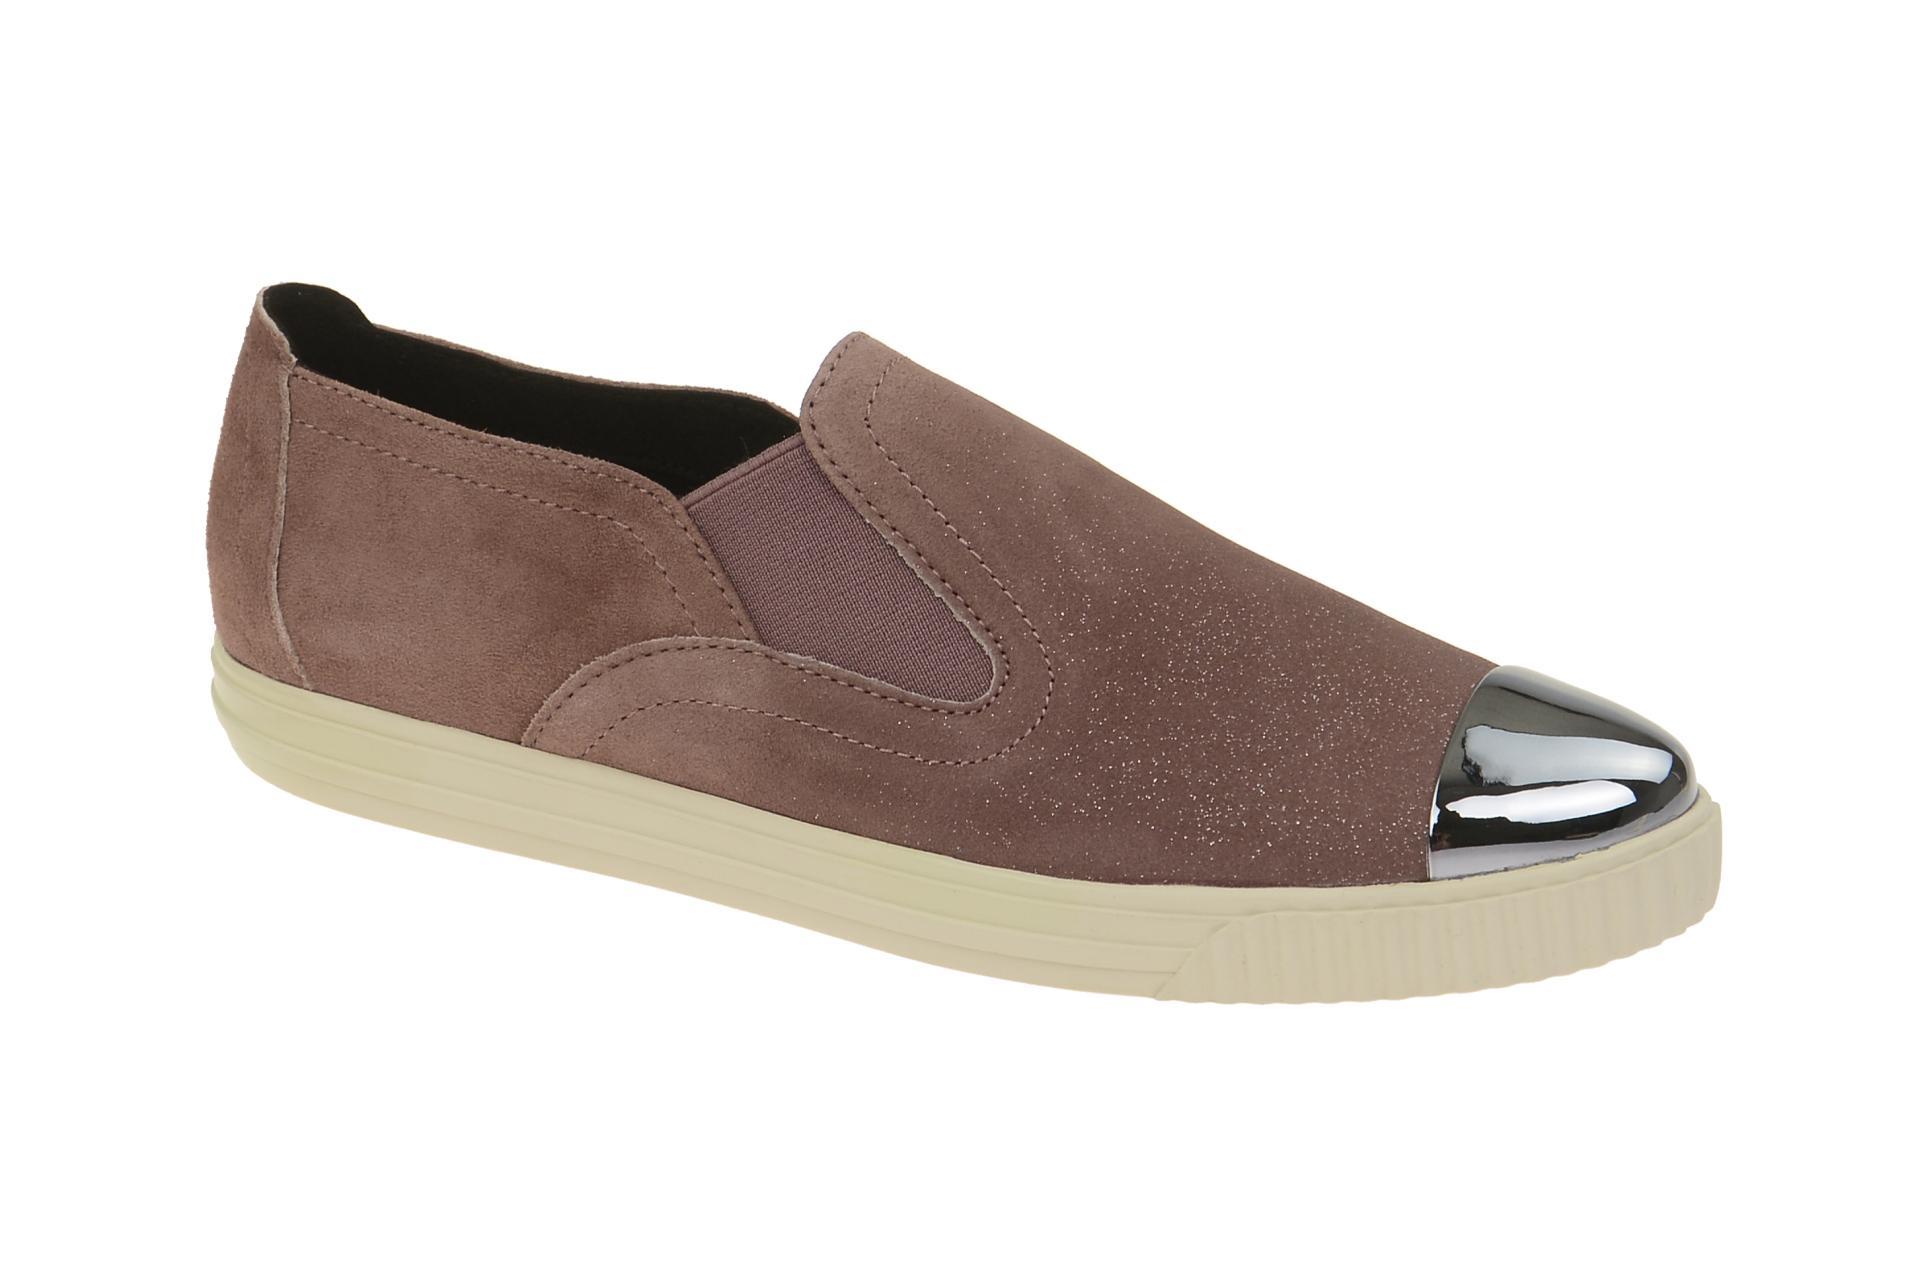 online store e8c88 1a2fd Details zu Geox Schuhe AMALTHIA pink Damenschuhe Slipper D641MB 000J0 C8014  NEU